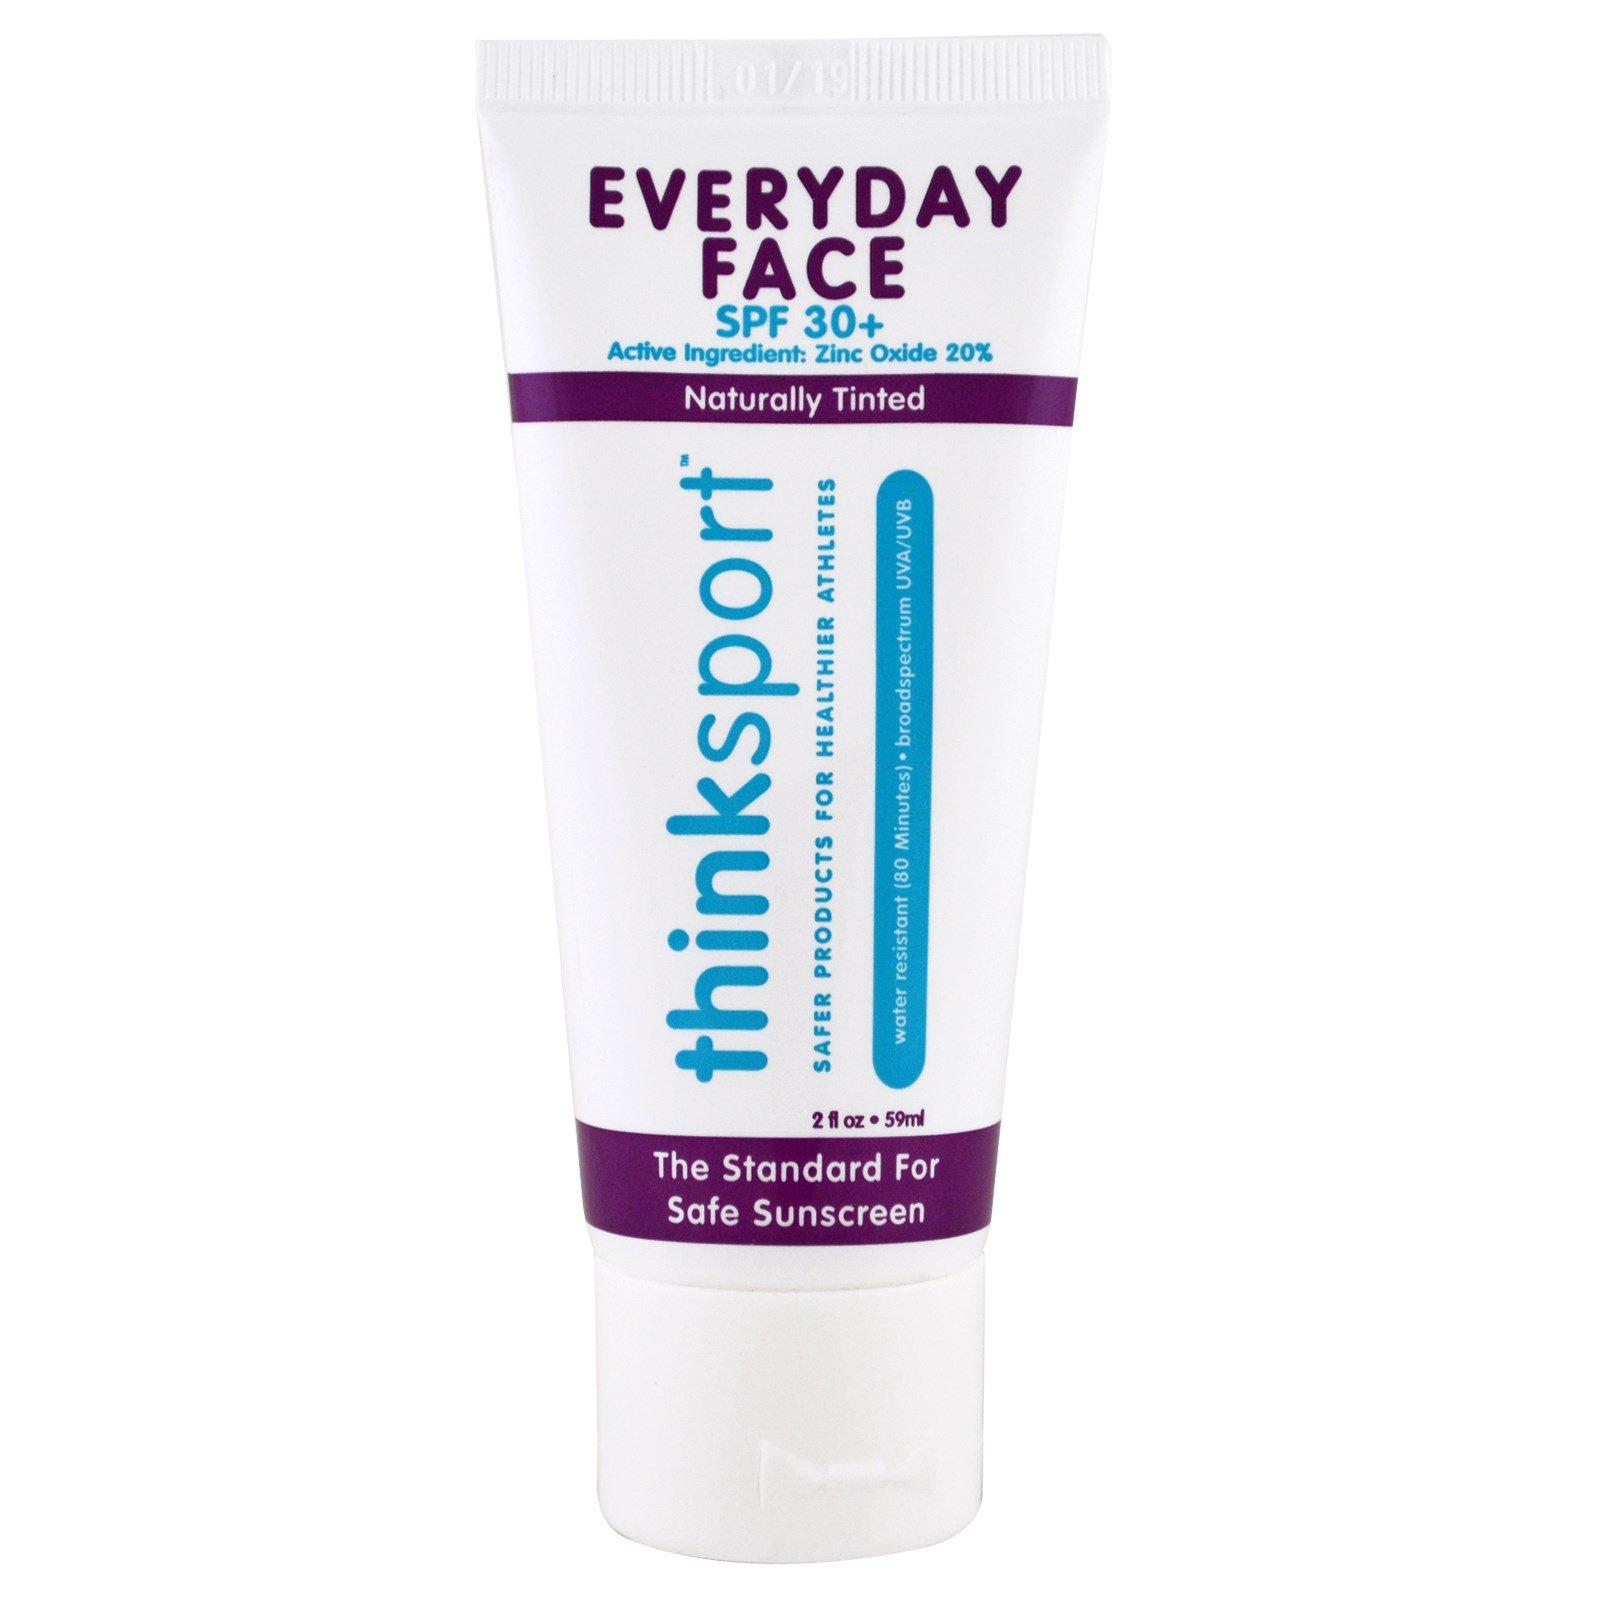 Think, Thinksport, ежедневный крем для лица, фактор защиты от солнца 30+, натуральный отттенок, 2 унции (59 мл)